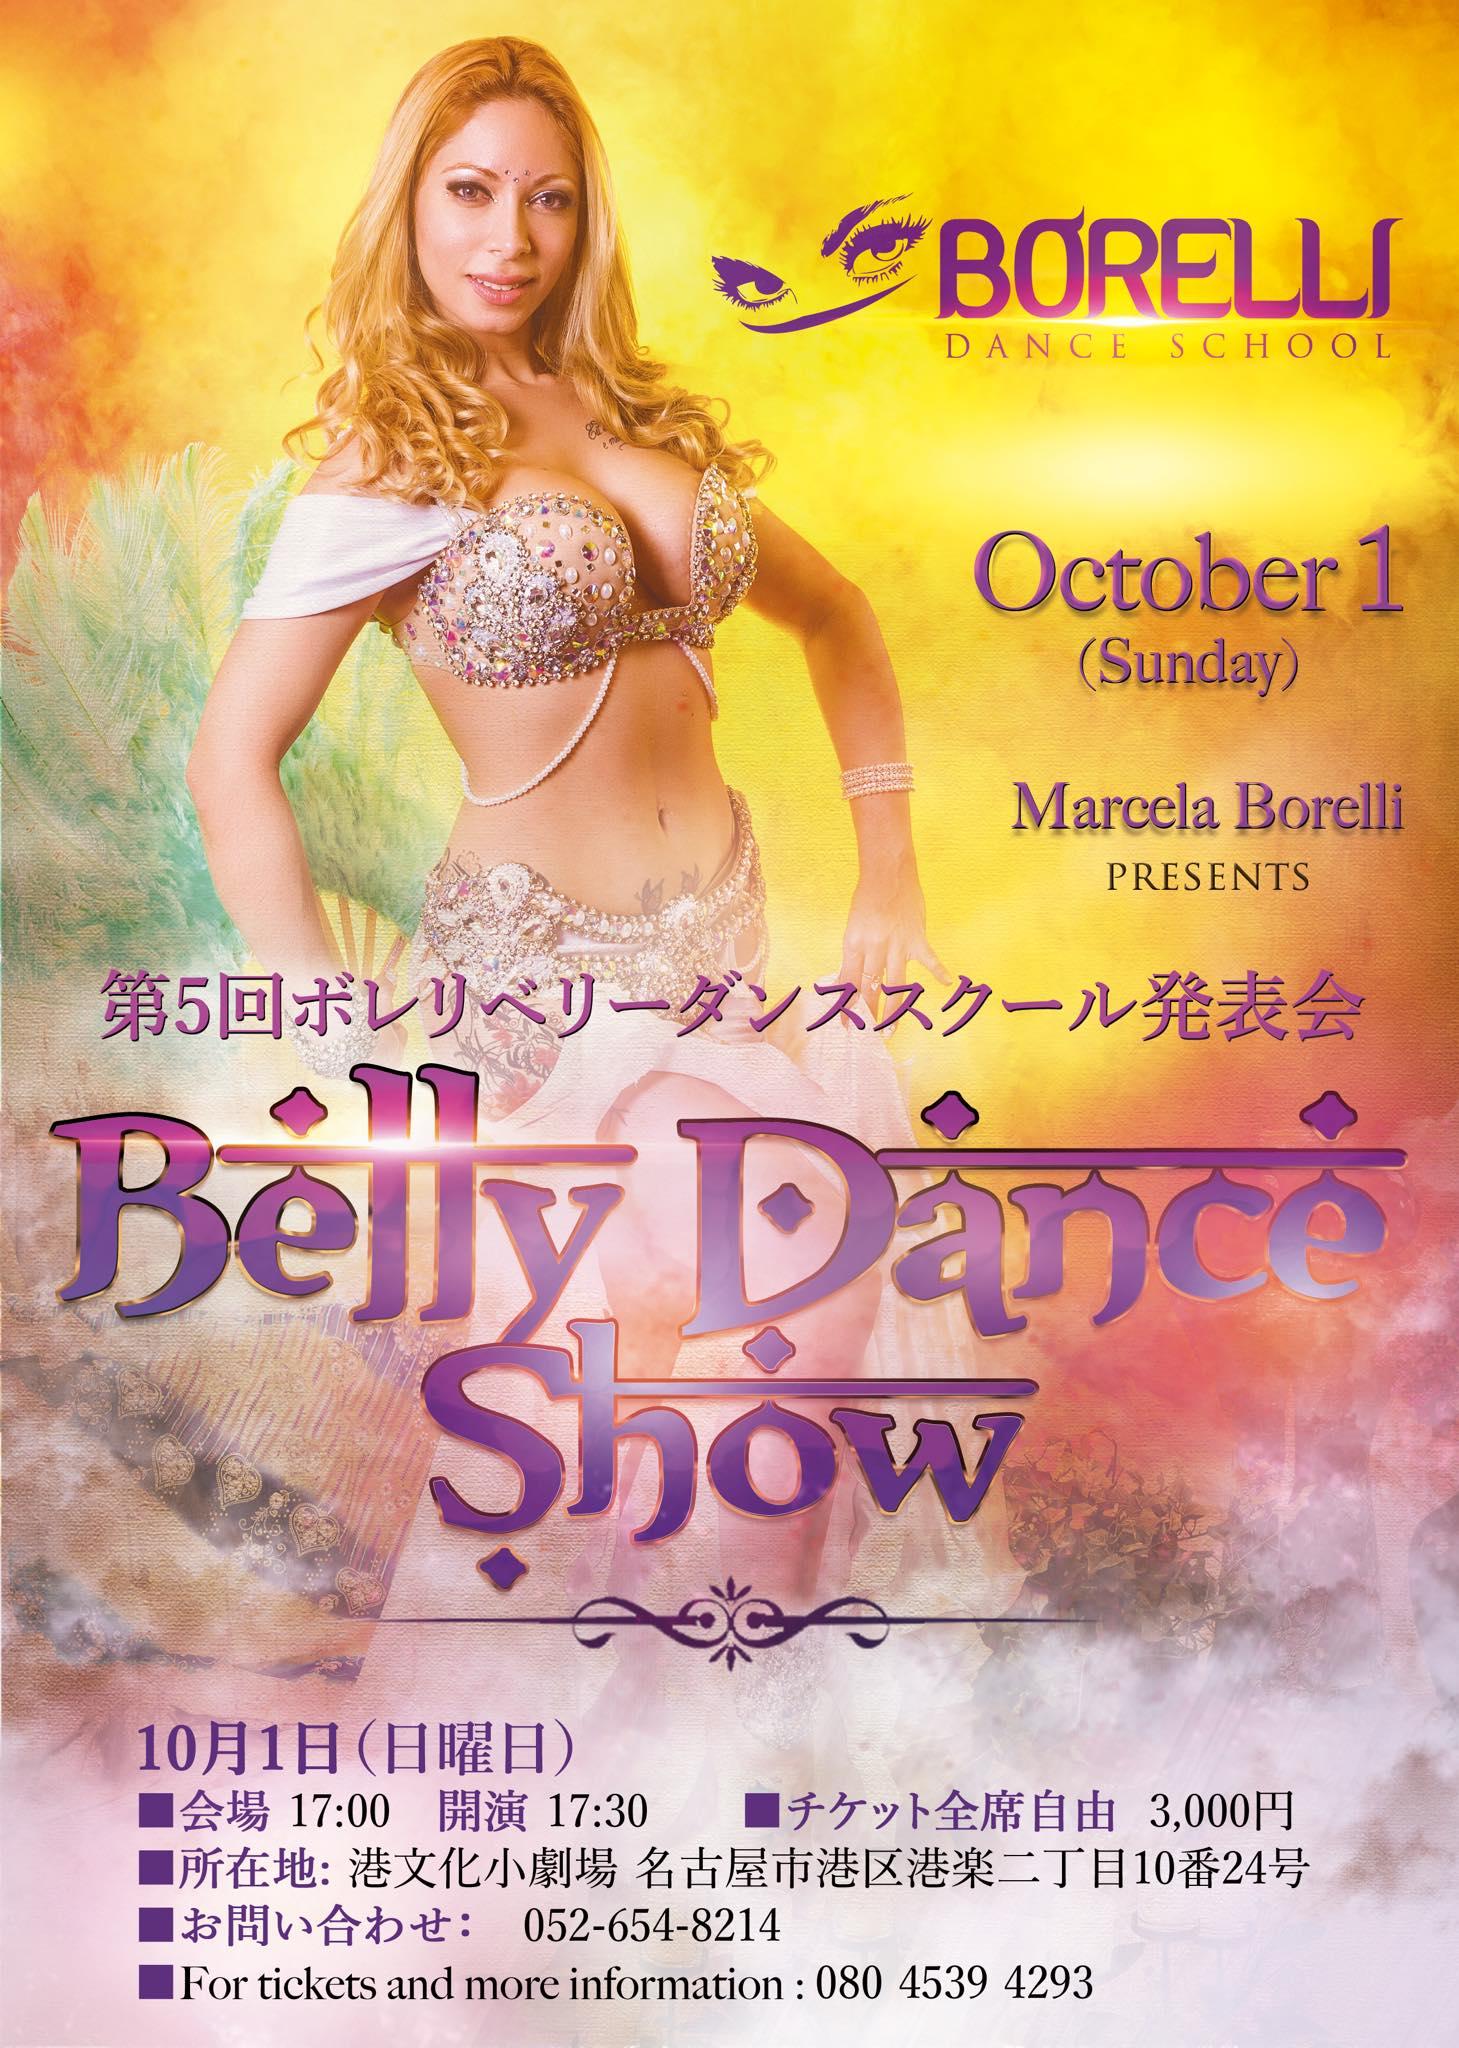 Borelli Dance School